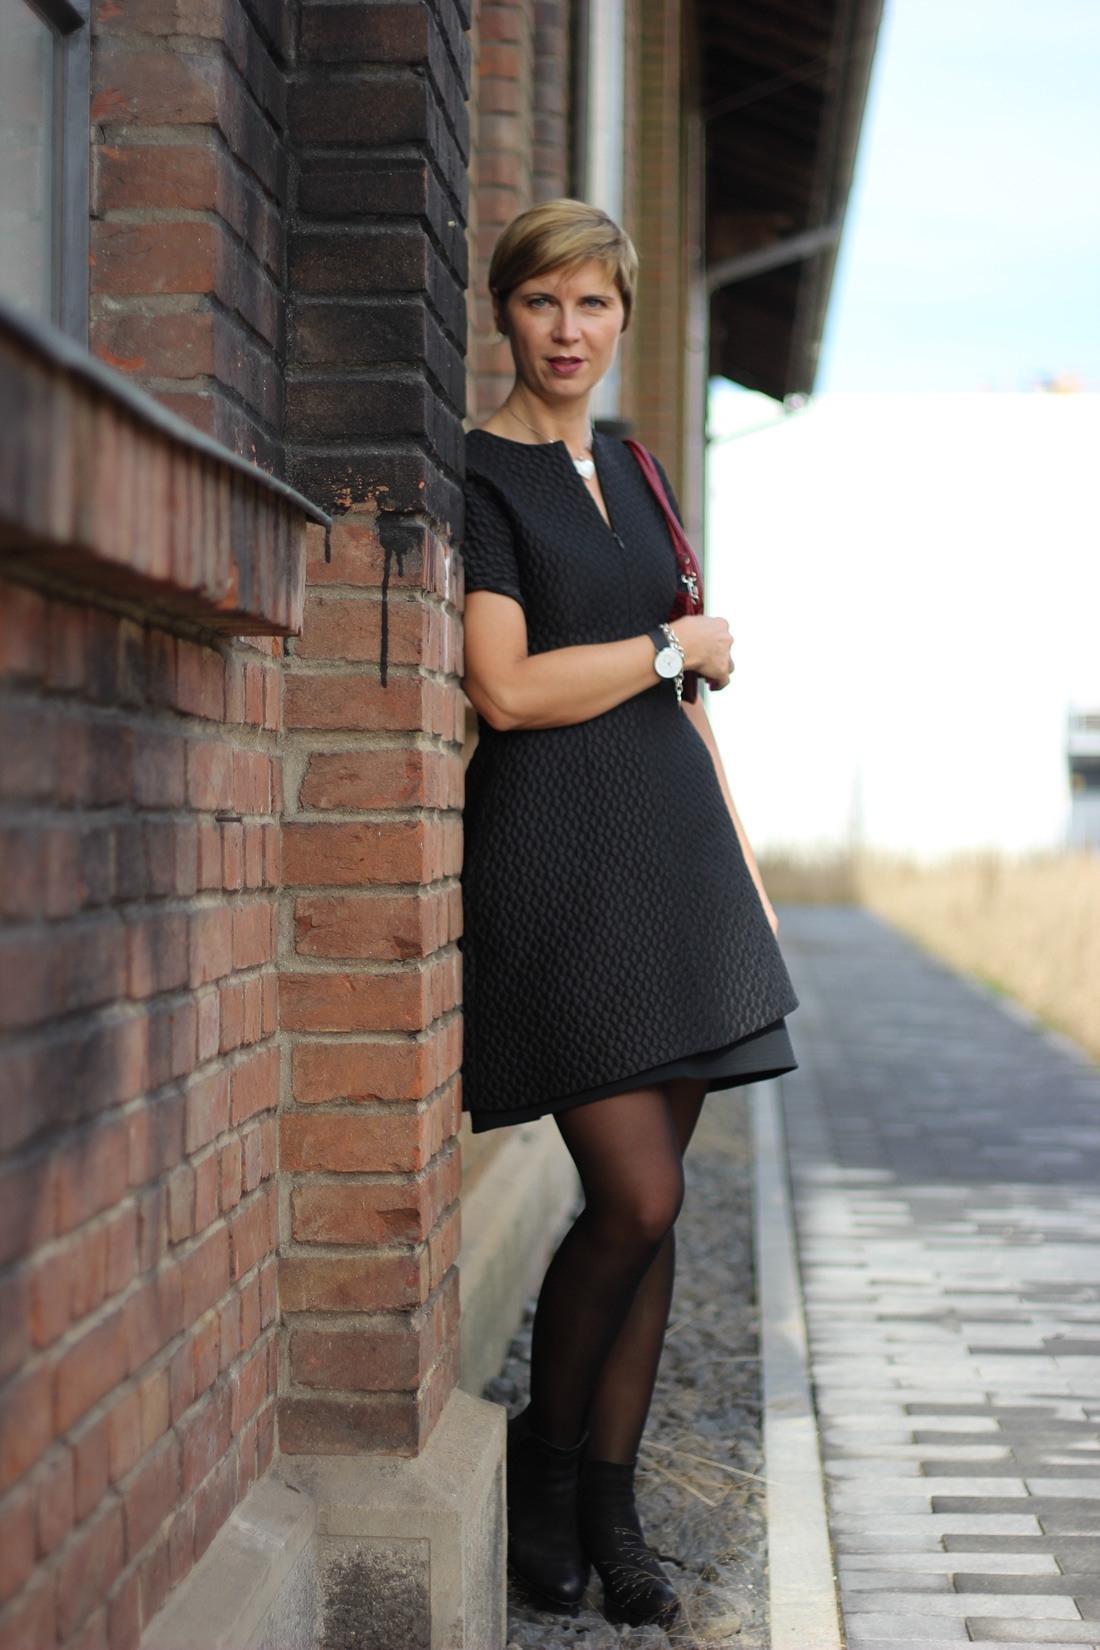 15 Top Kleines Kleid Ärmel Genial Kleines Kleid für 2019